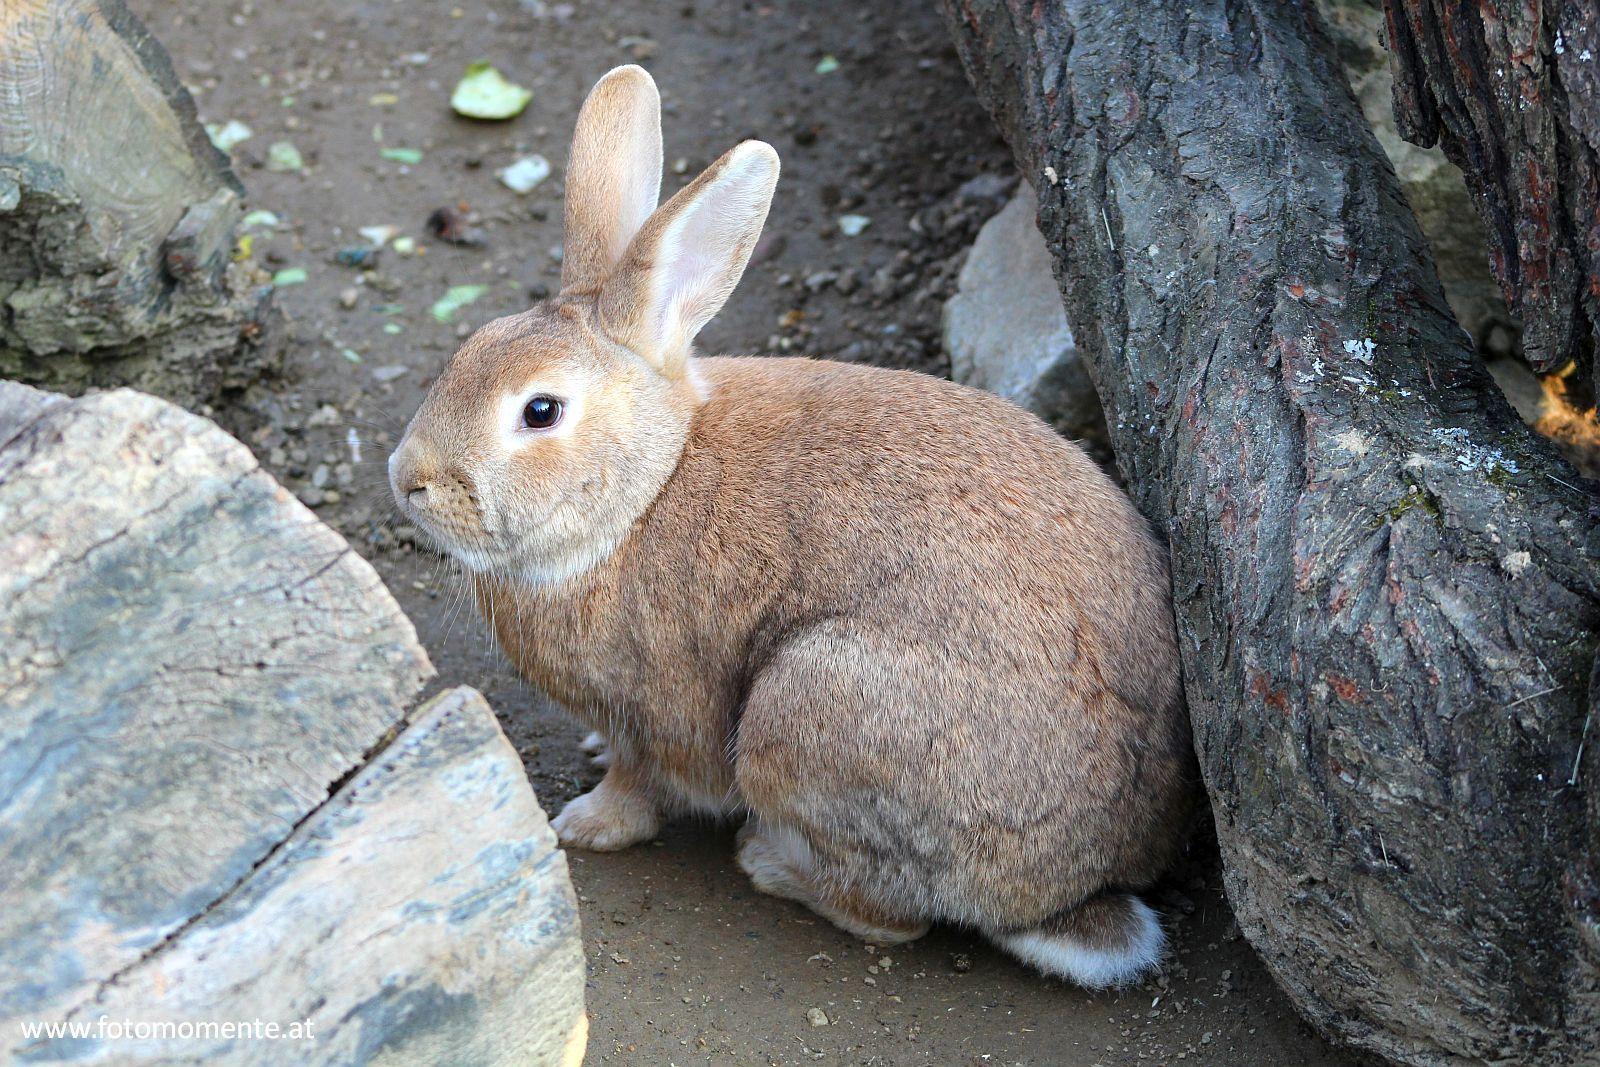 braunes kaninchen - Braunes Kaninchen